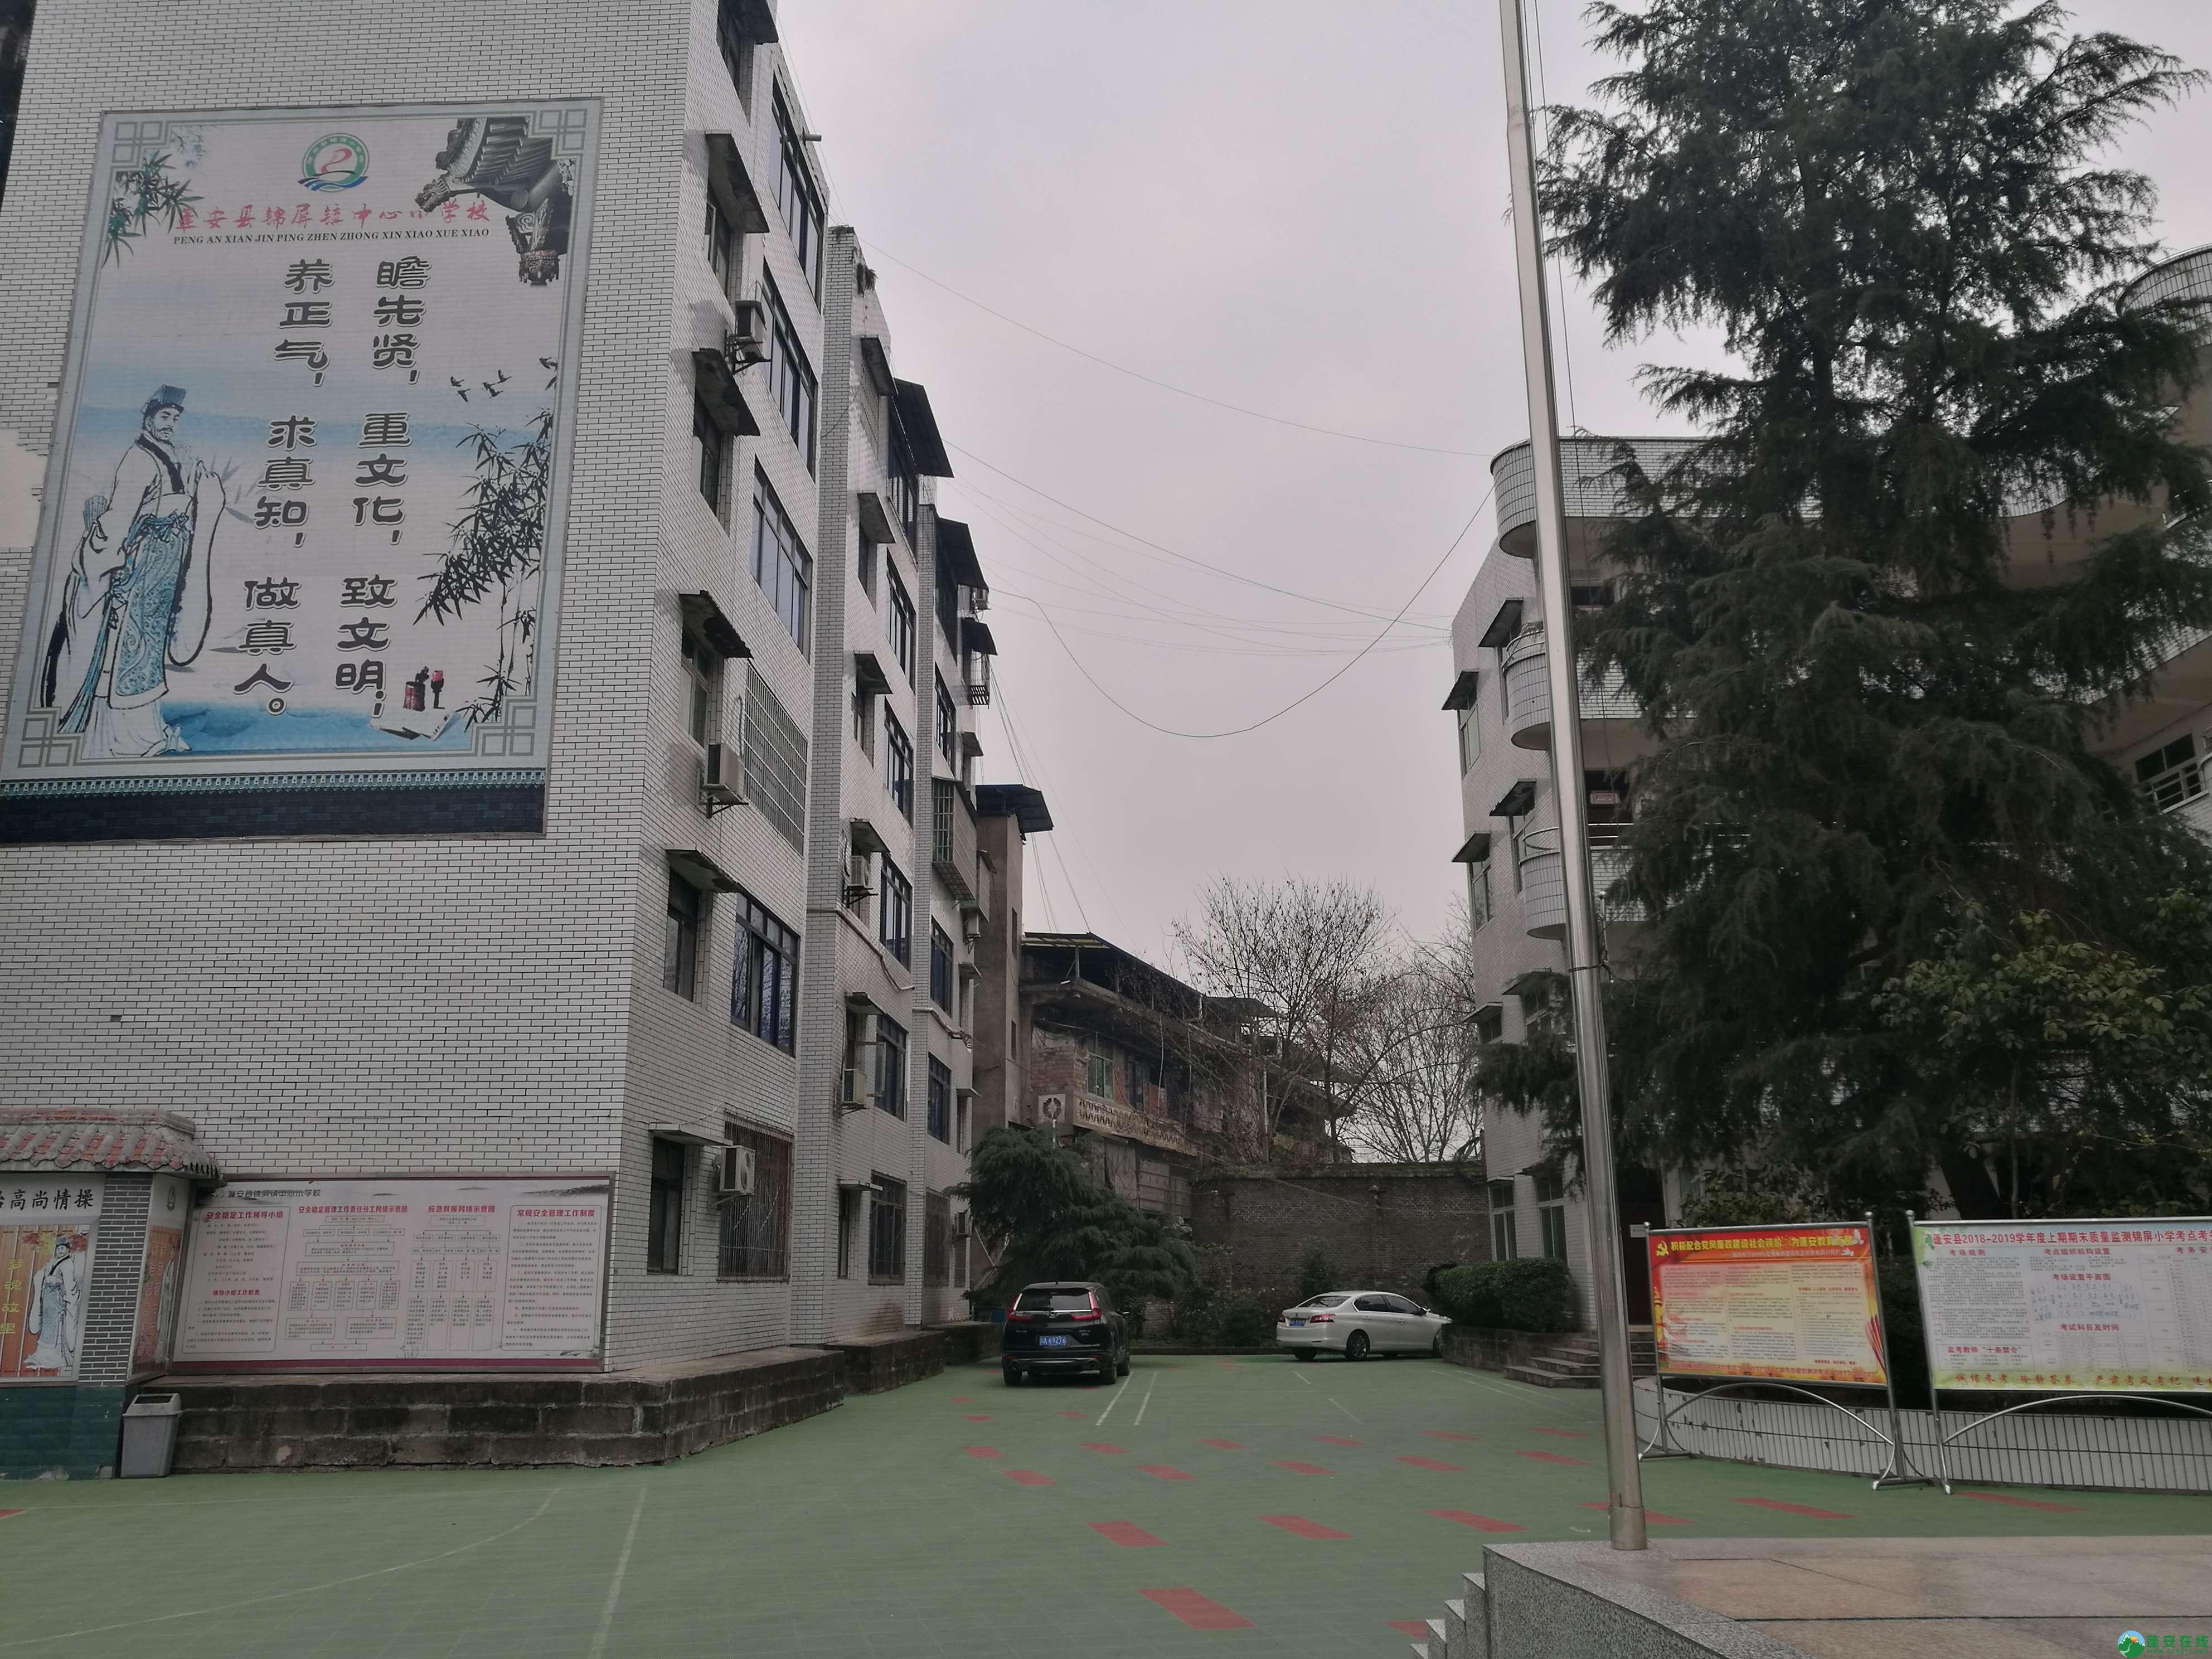 近二十年后再次走进锦屏小学 - 第11张  | 蓬安在线